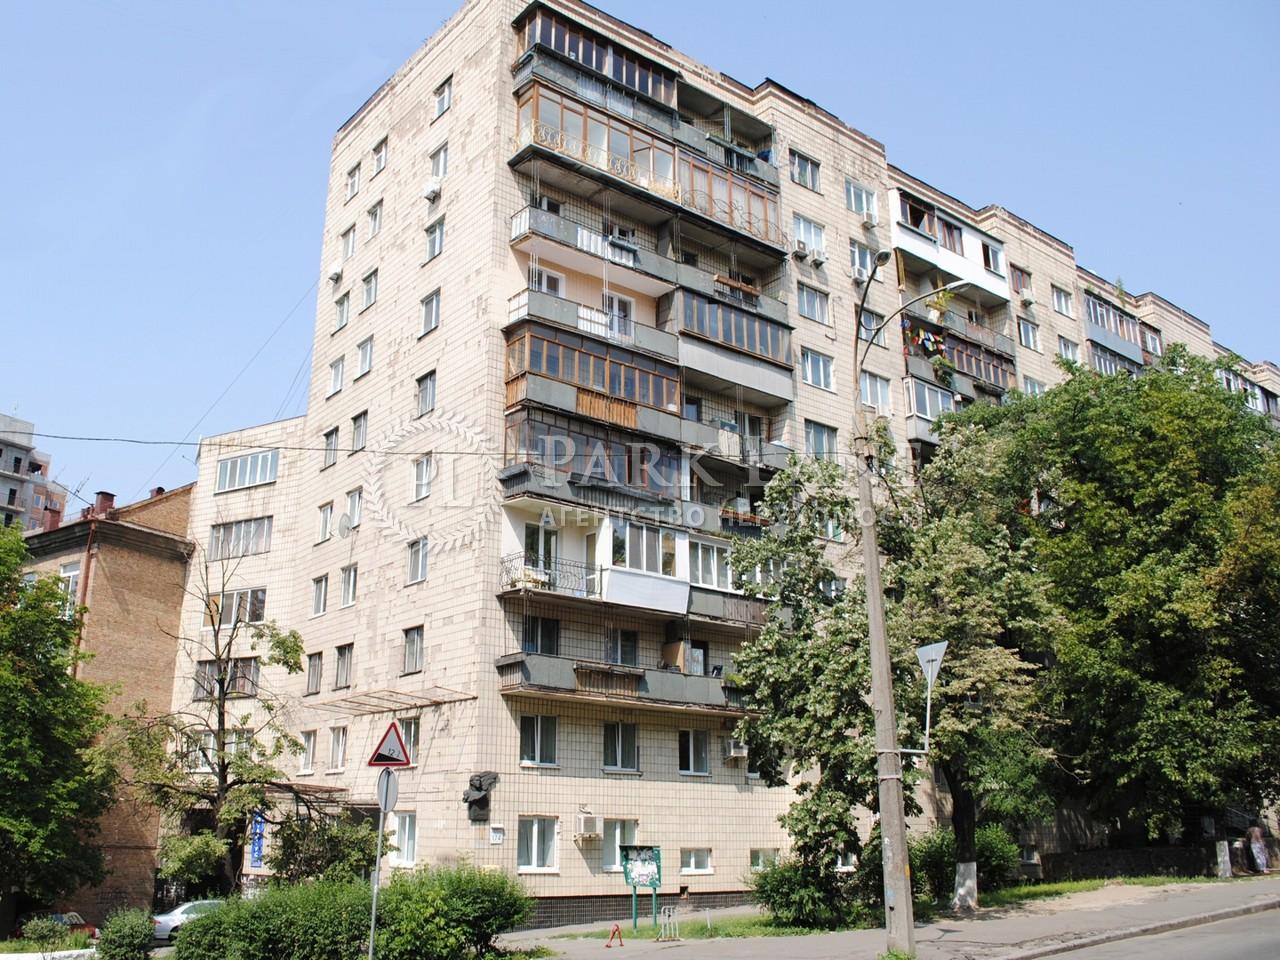 Квартира ул. Никольско-Ботаническая, 17/4, Киев, R-3315 - Фото 1